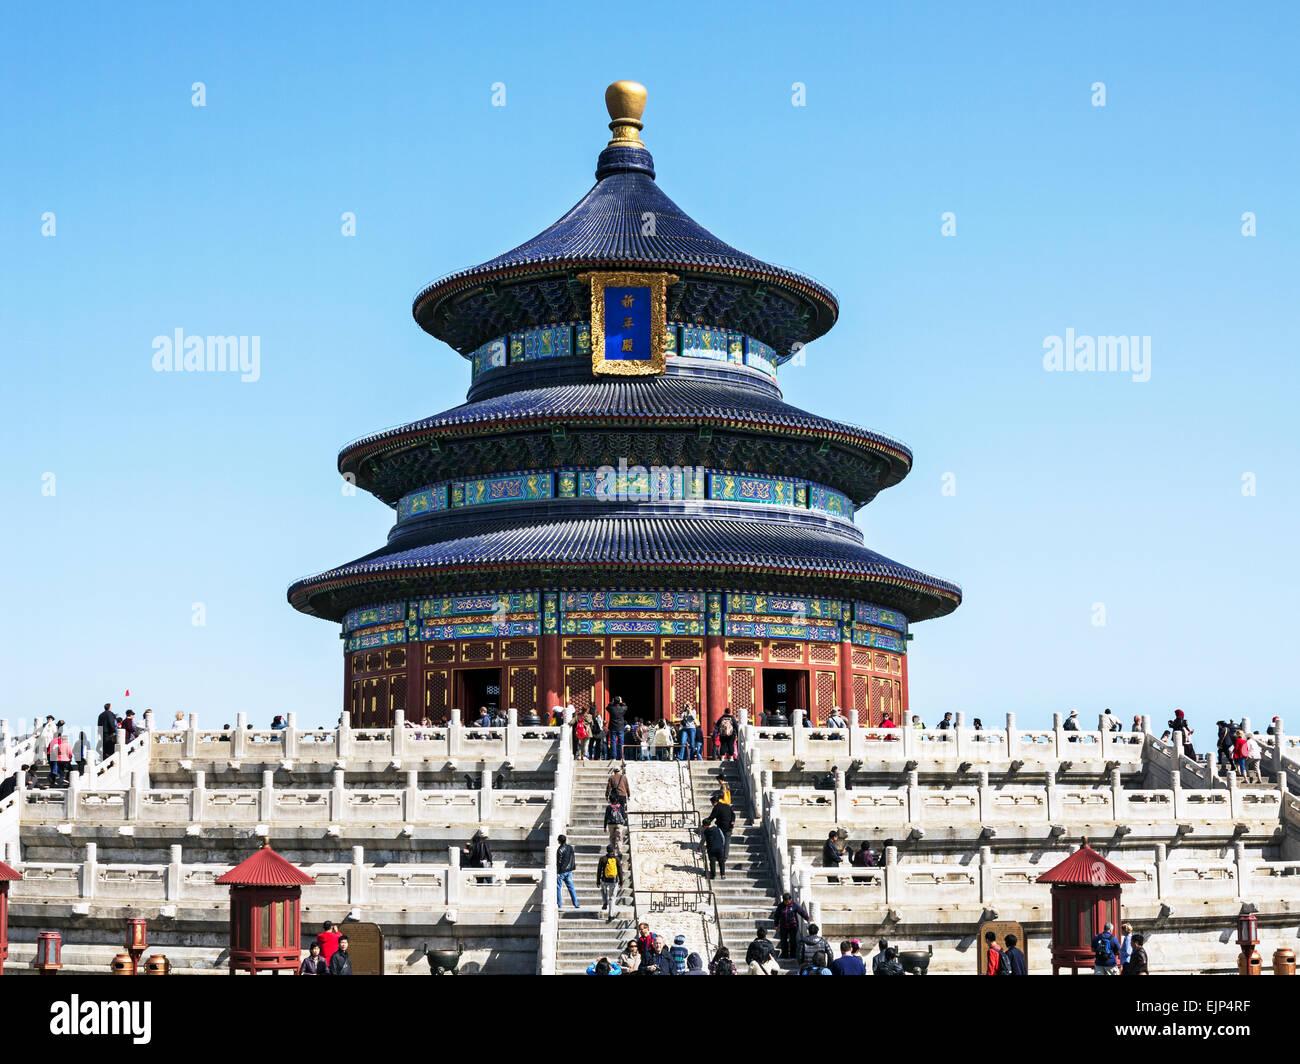 La Chine, Pékin, Temple du Ciel (Tian Tan), site du patrimoine mondial de l'UNESCO, salle de prière Photo Stock